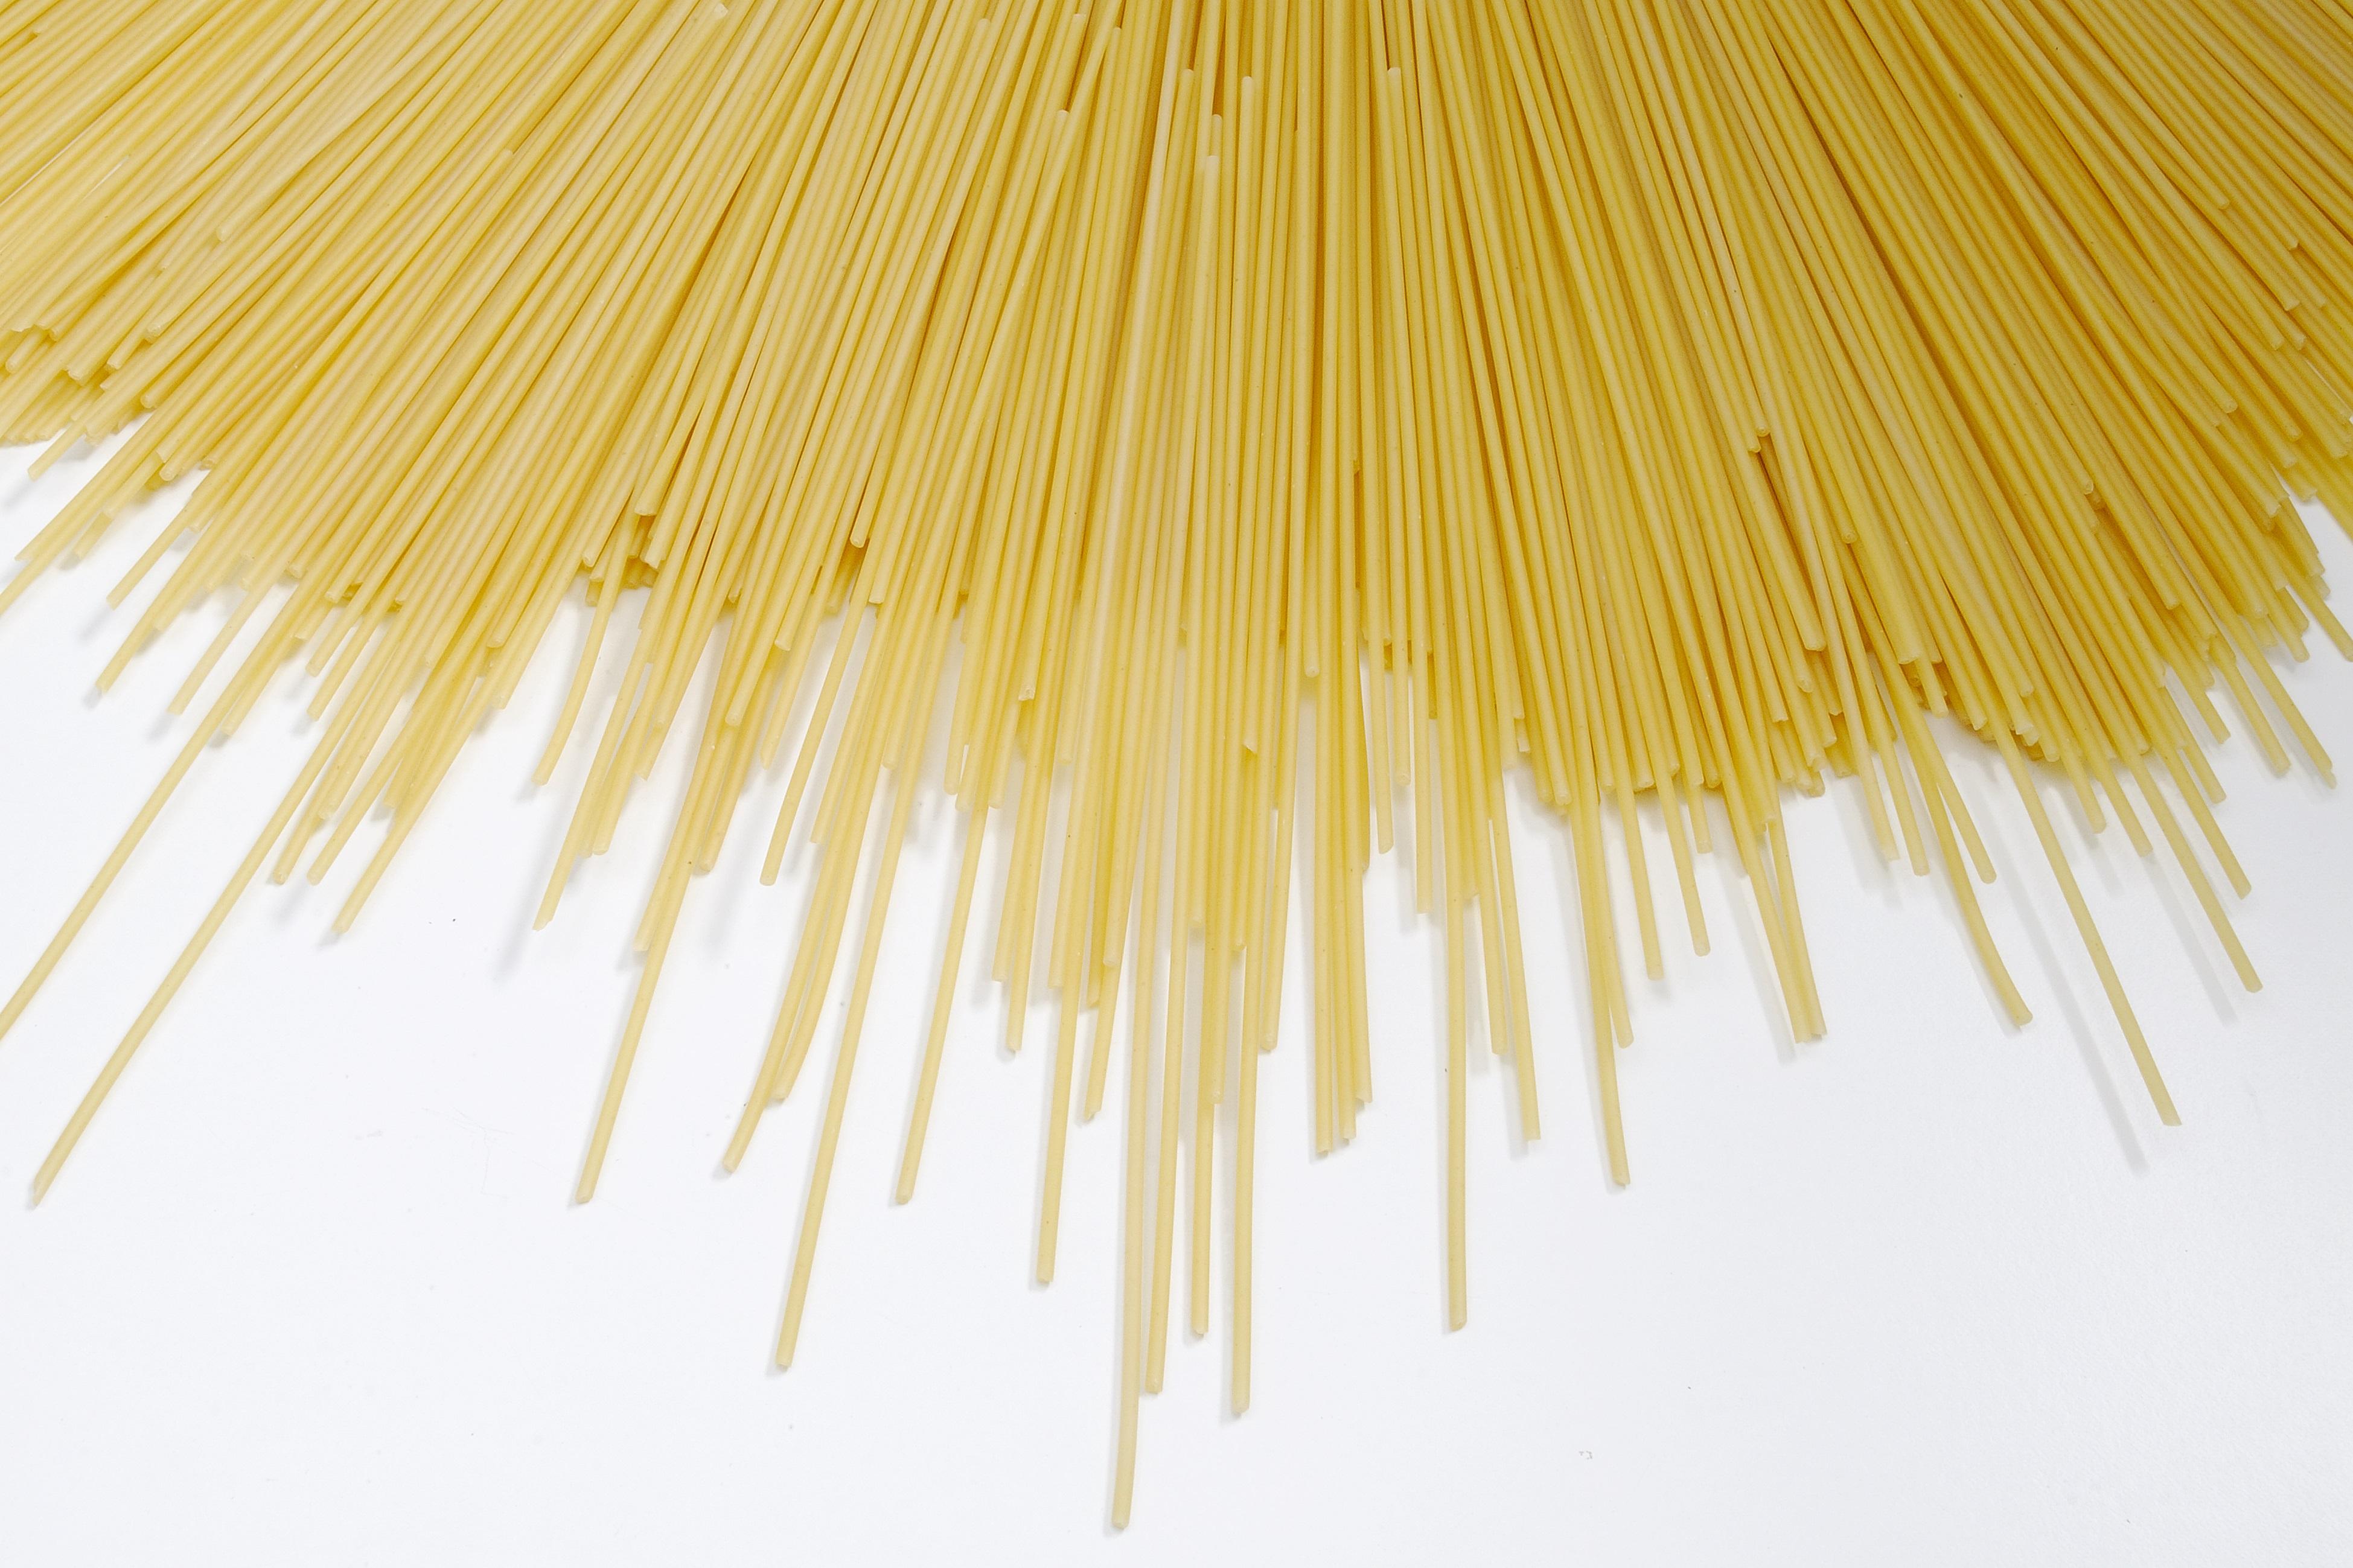 упаковка спагетти